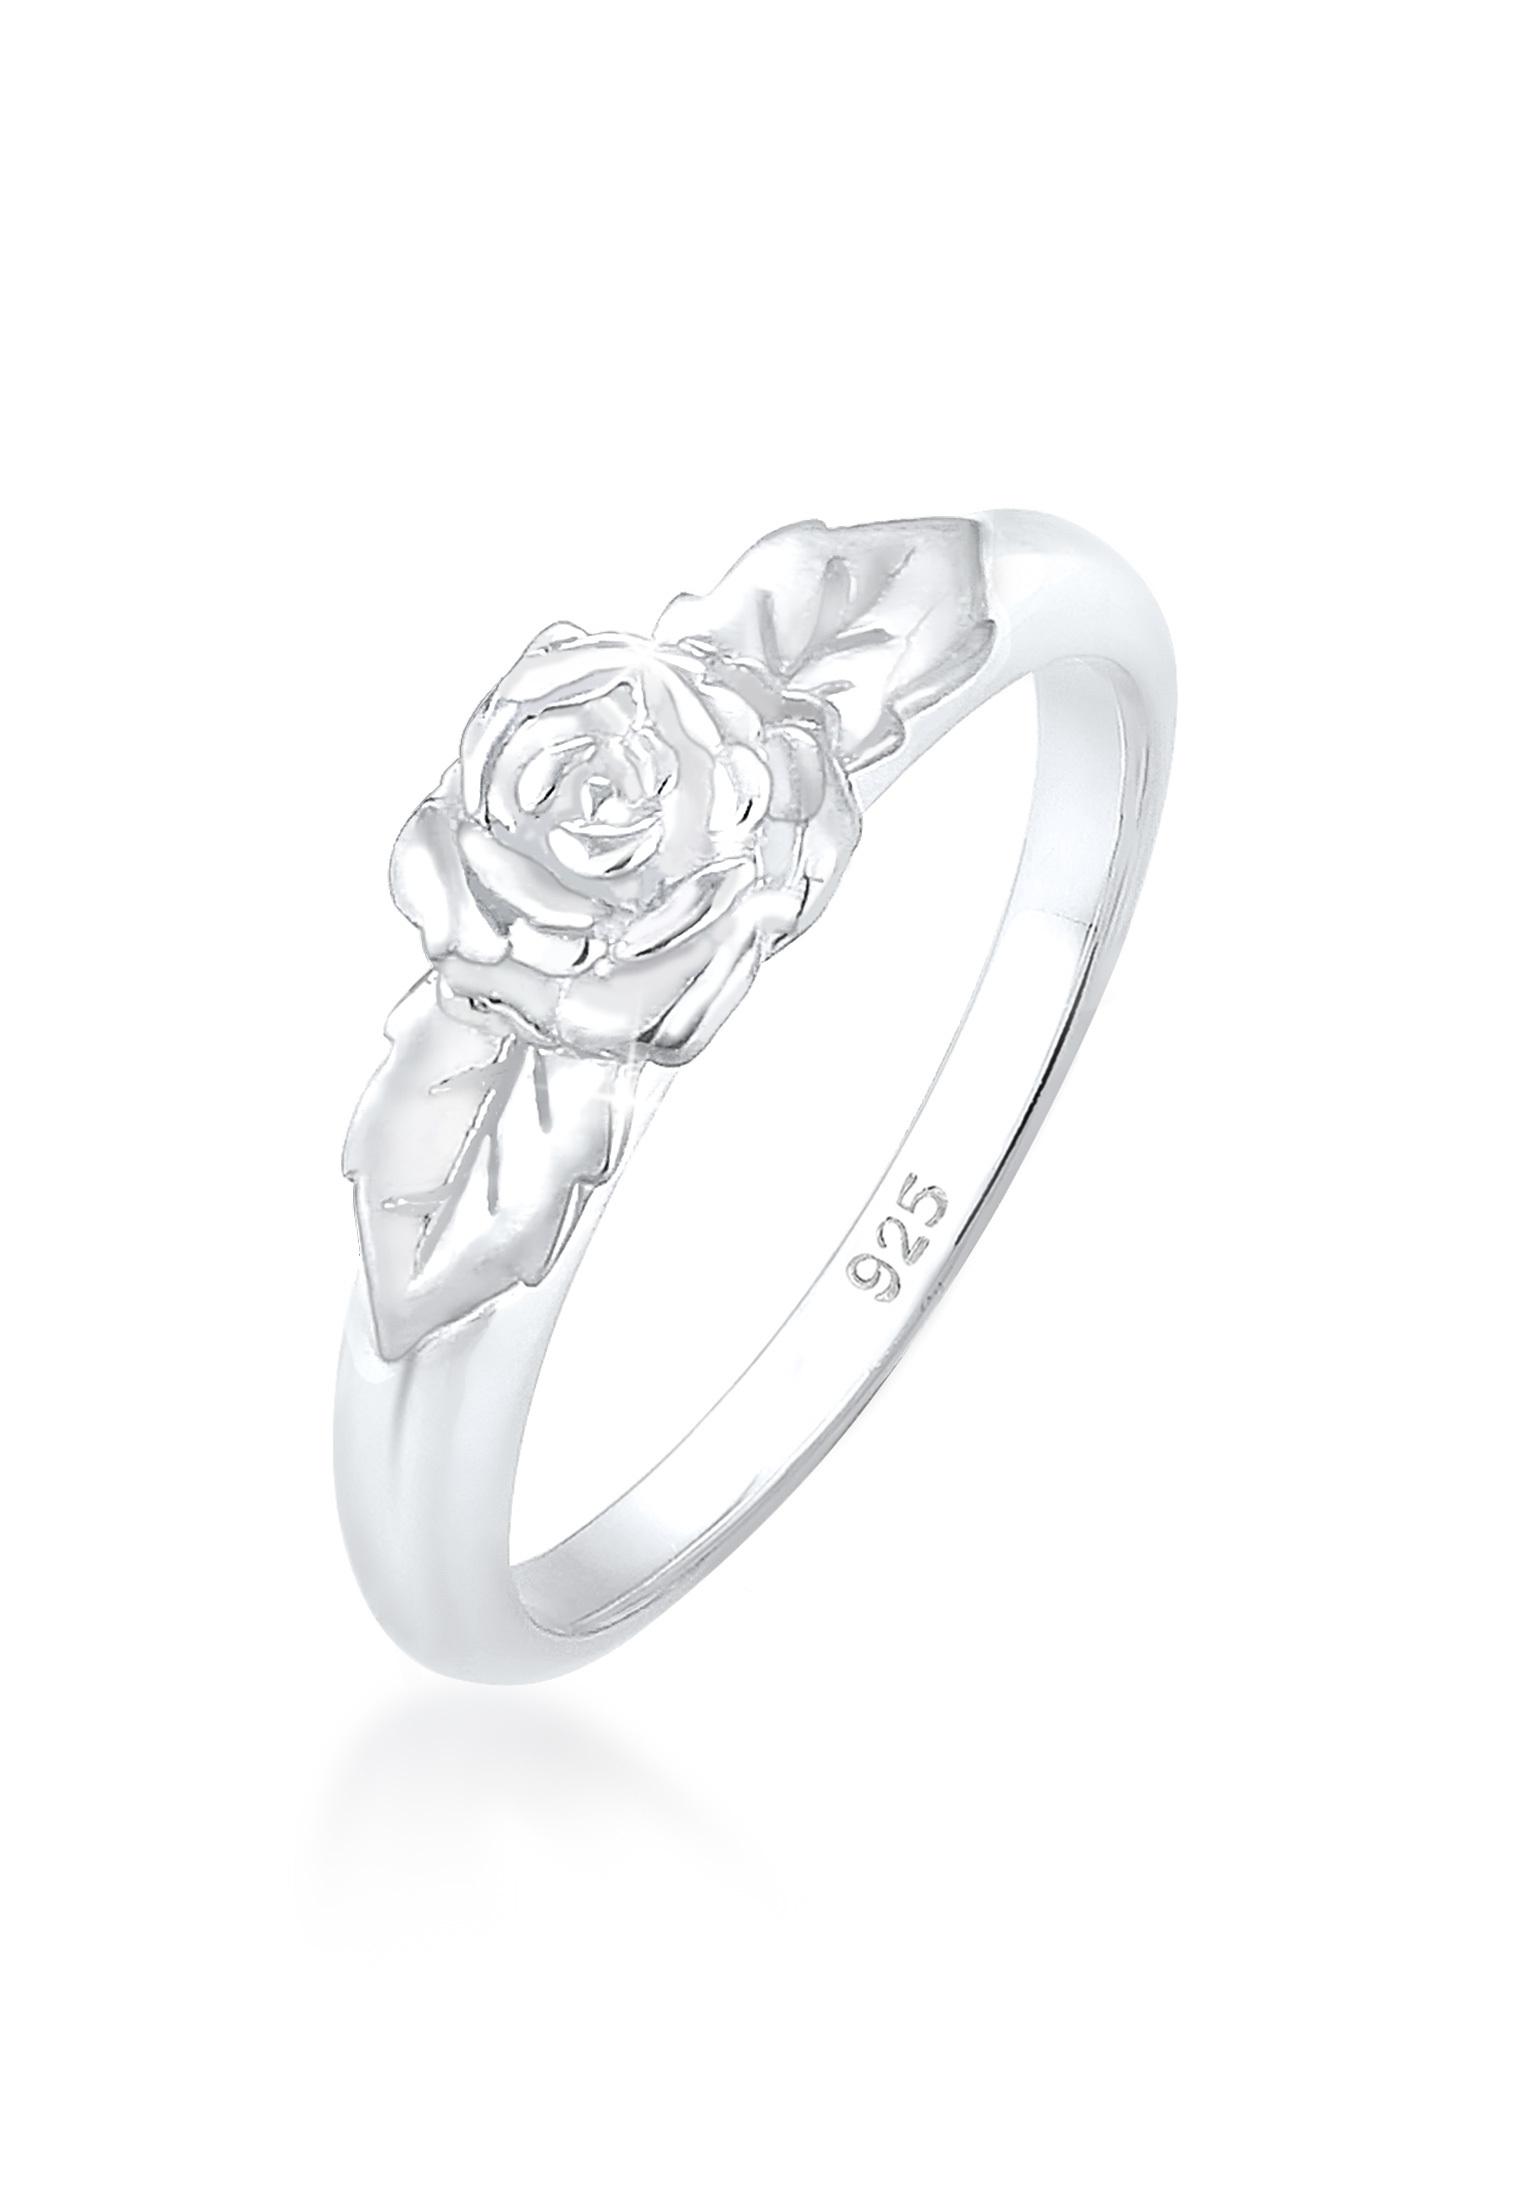 Ring Rose | 925er Sterling Silber